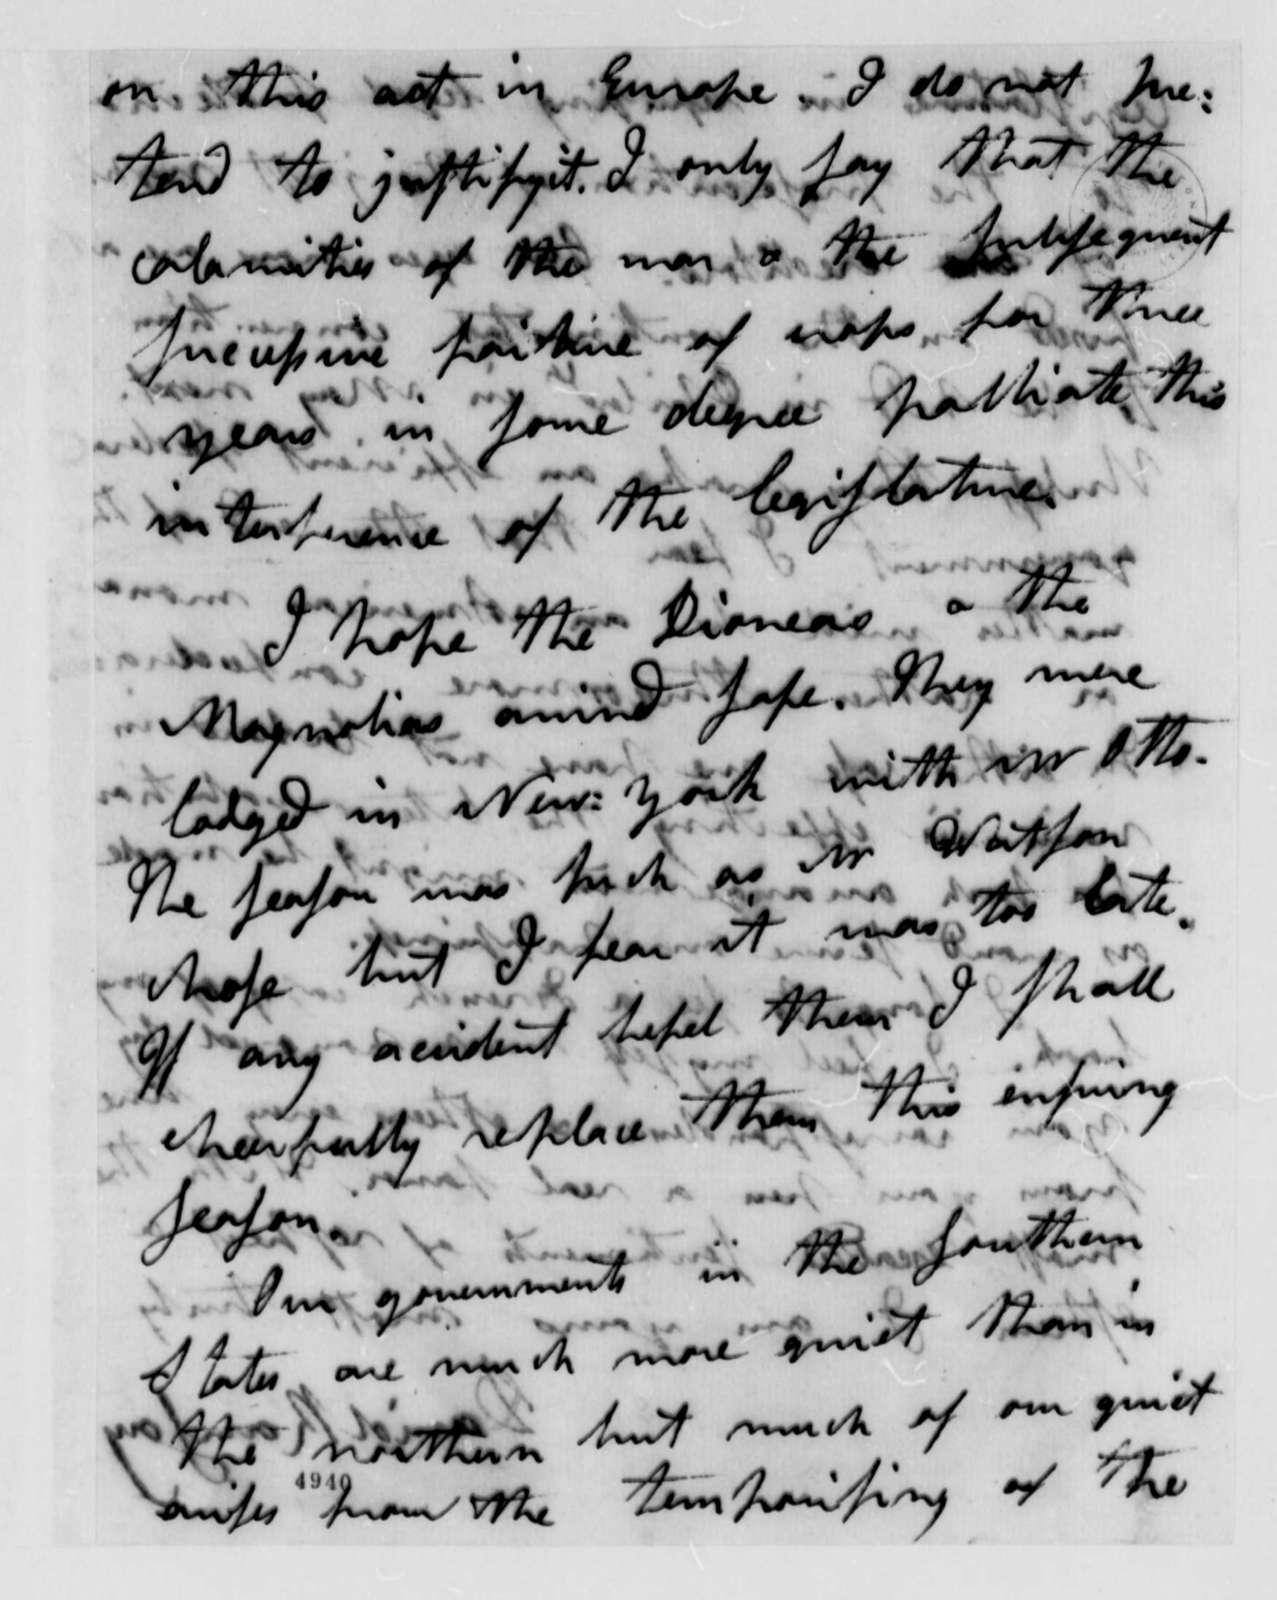 David Ramsay to Thomas Jefferson, April 7, 1787